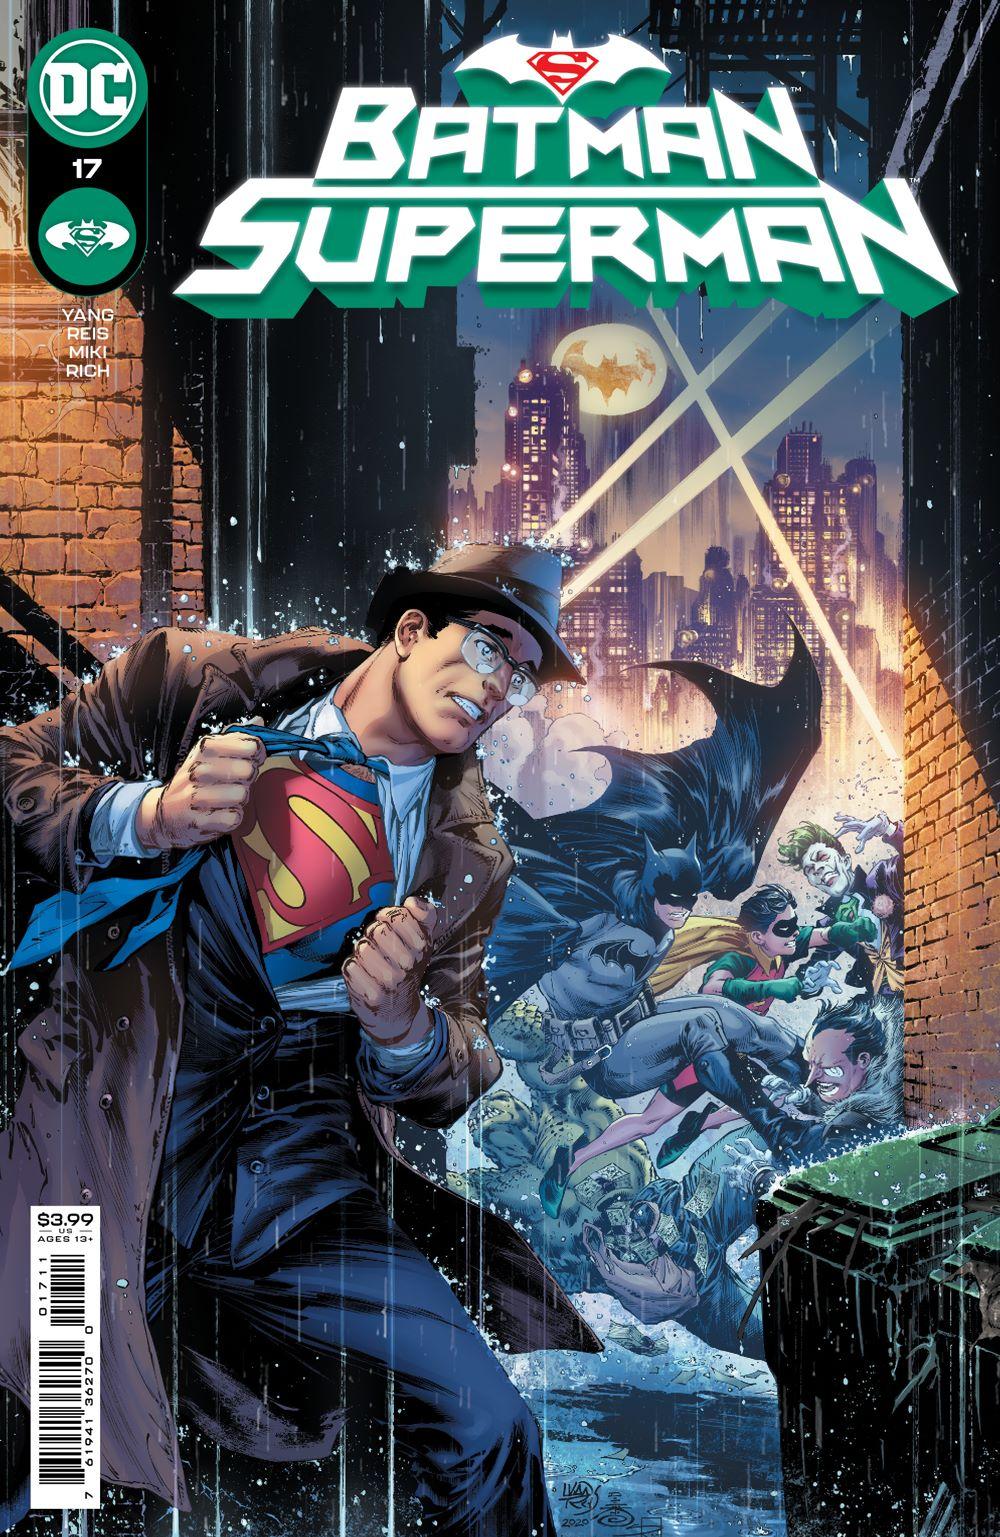 BMSM_Cv17 DC Comics April 2021 Solicitations